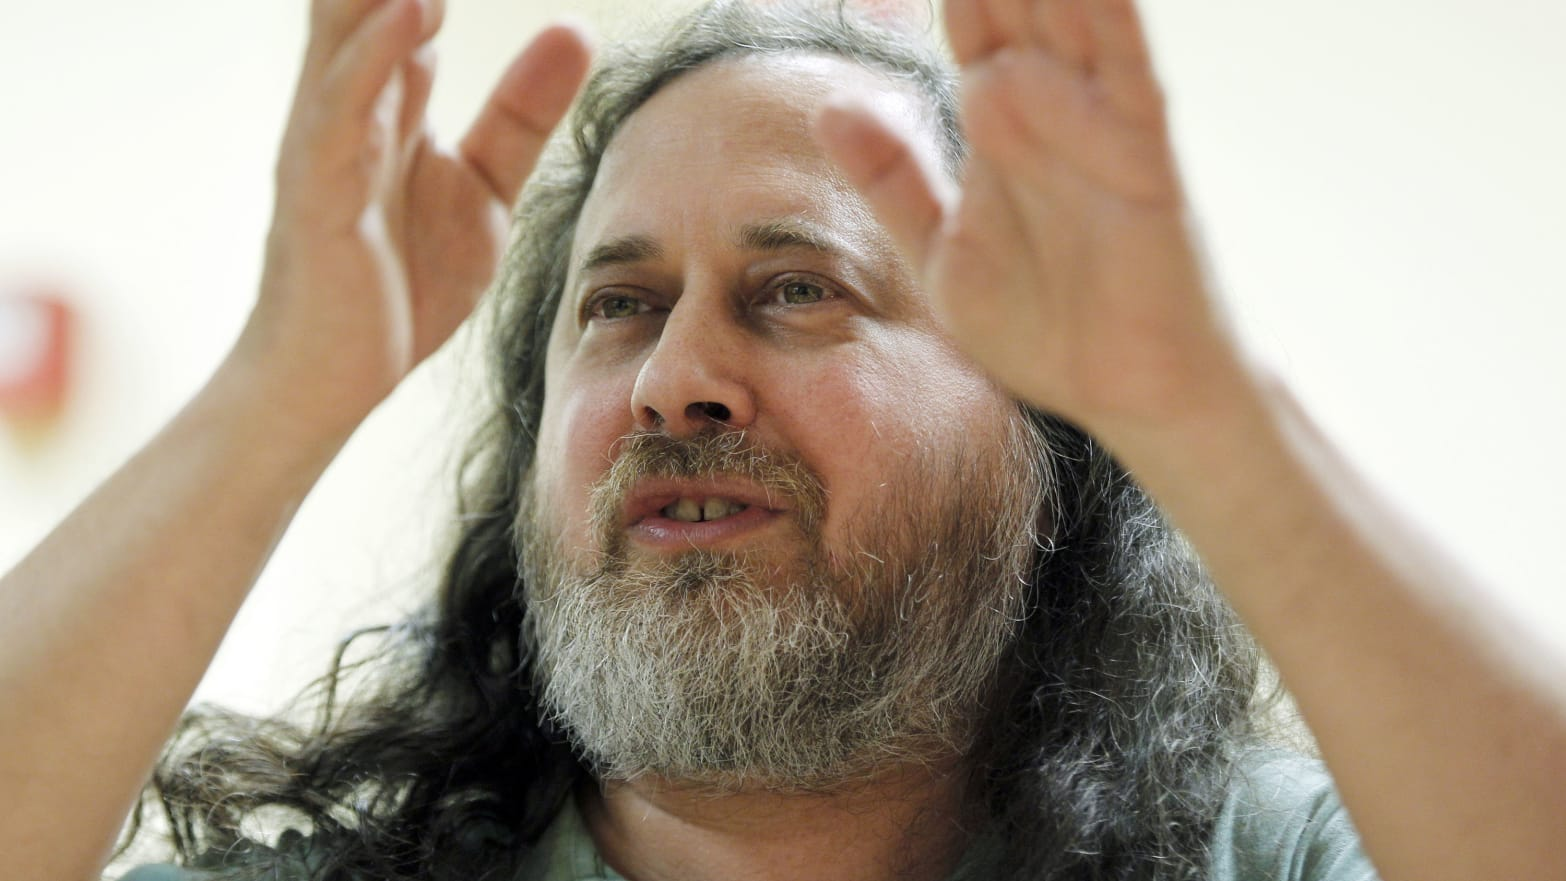 Famed MIT Computer Scientist Richard Stallman Defends Epstein: Victims Were 'Entirely Willing'